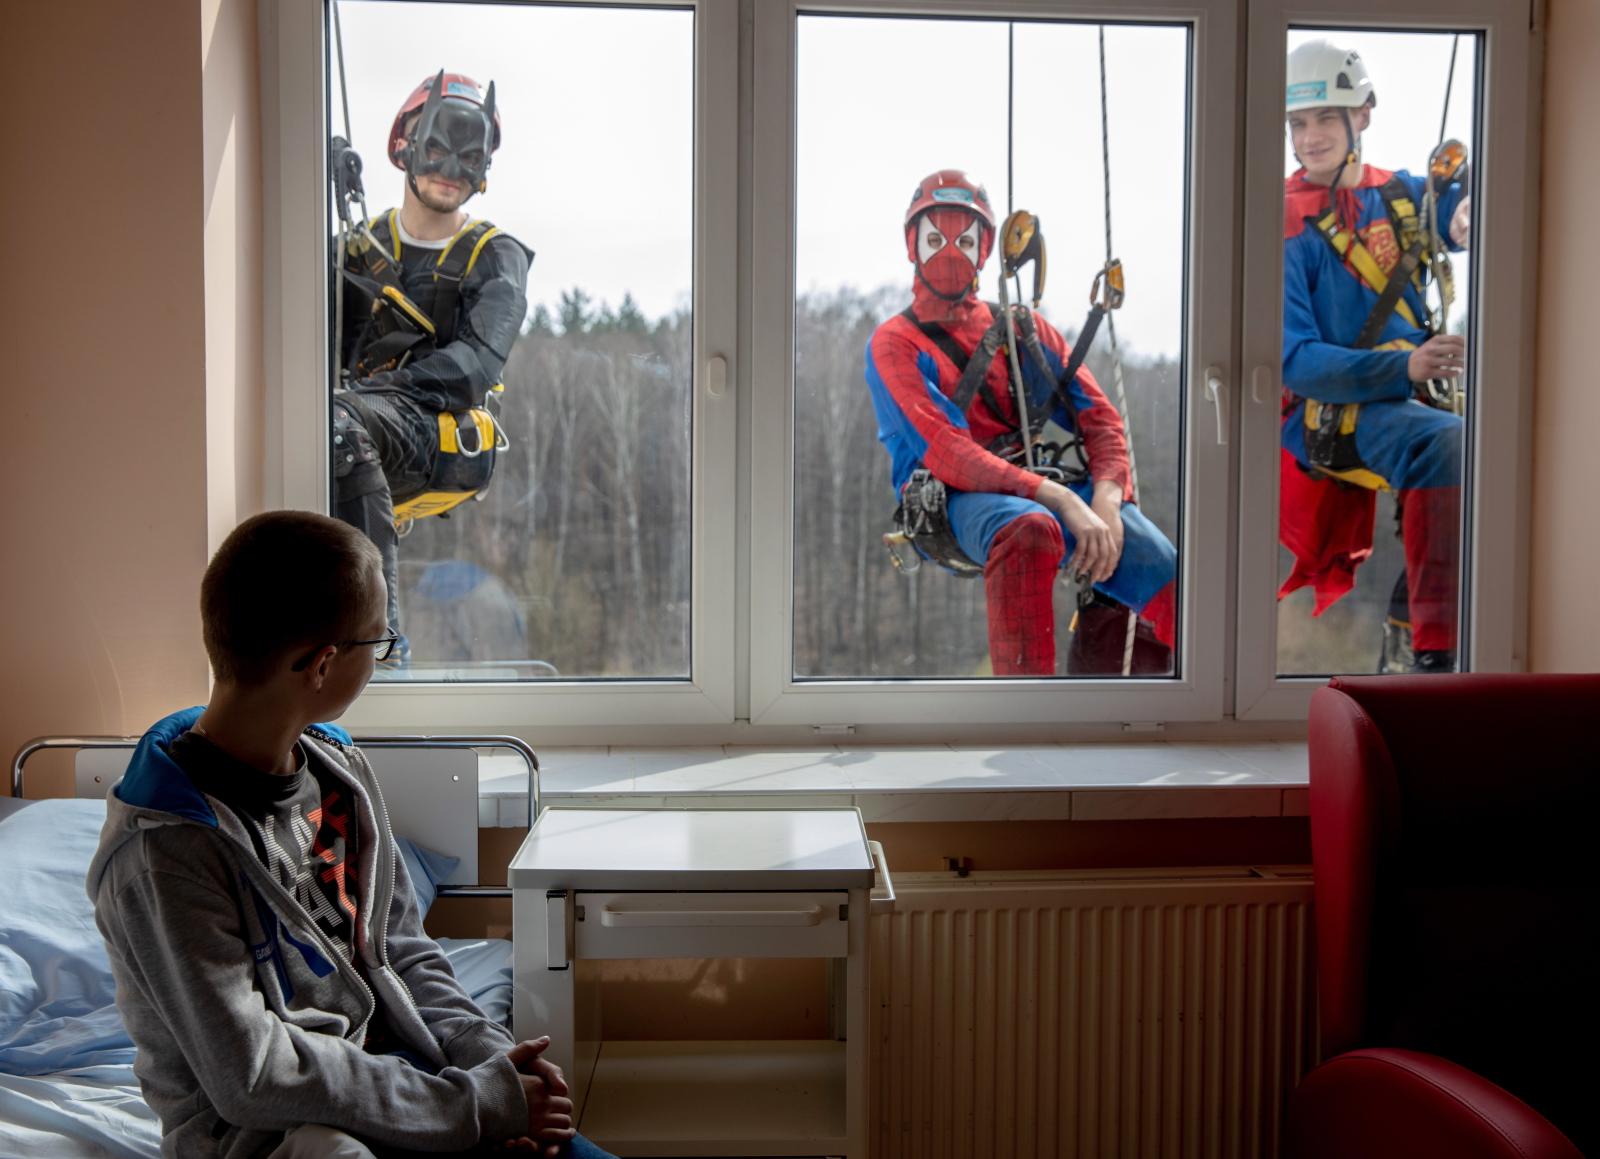 Centrum Zdrowia Dziecka w Katowicach i wizyta superbohaterów. Fot. PAP/EPA/ANDRZEJ GRYGIEL